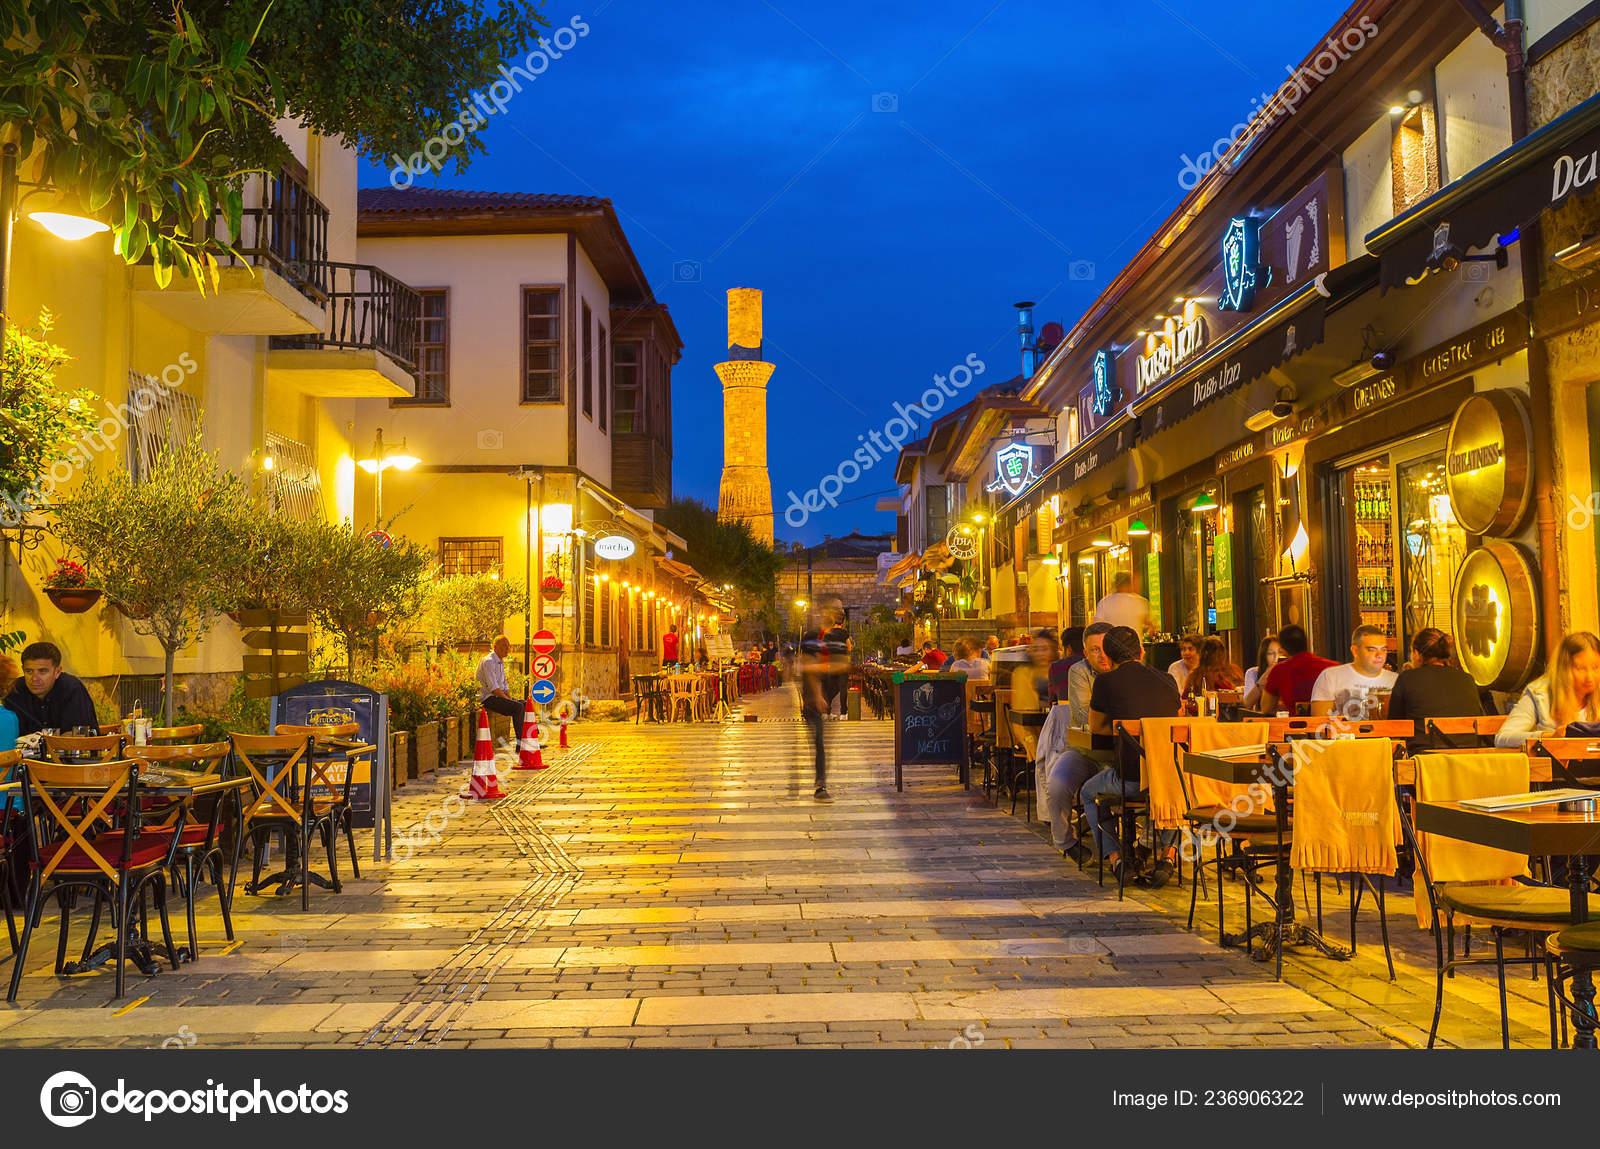 Antalya Turquía Mayo 2017 Pie Calle Noche Con Vistas Las